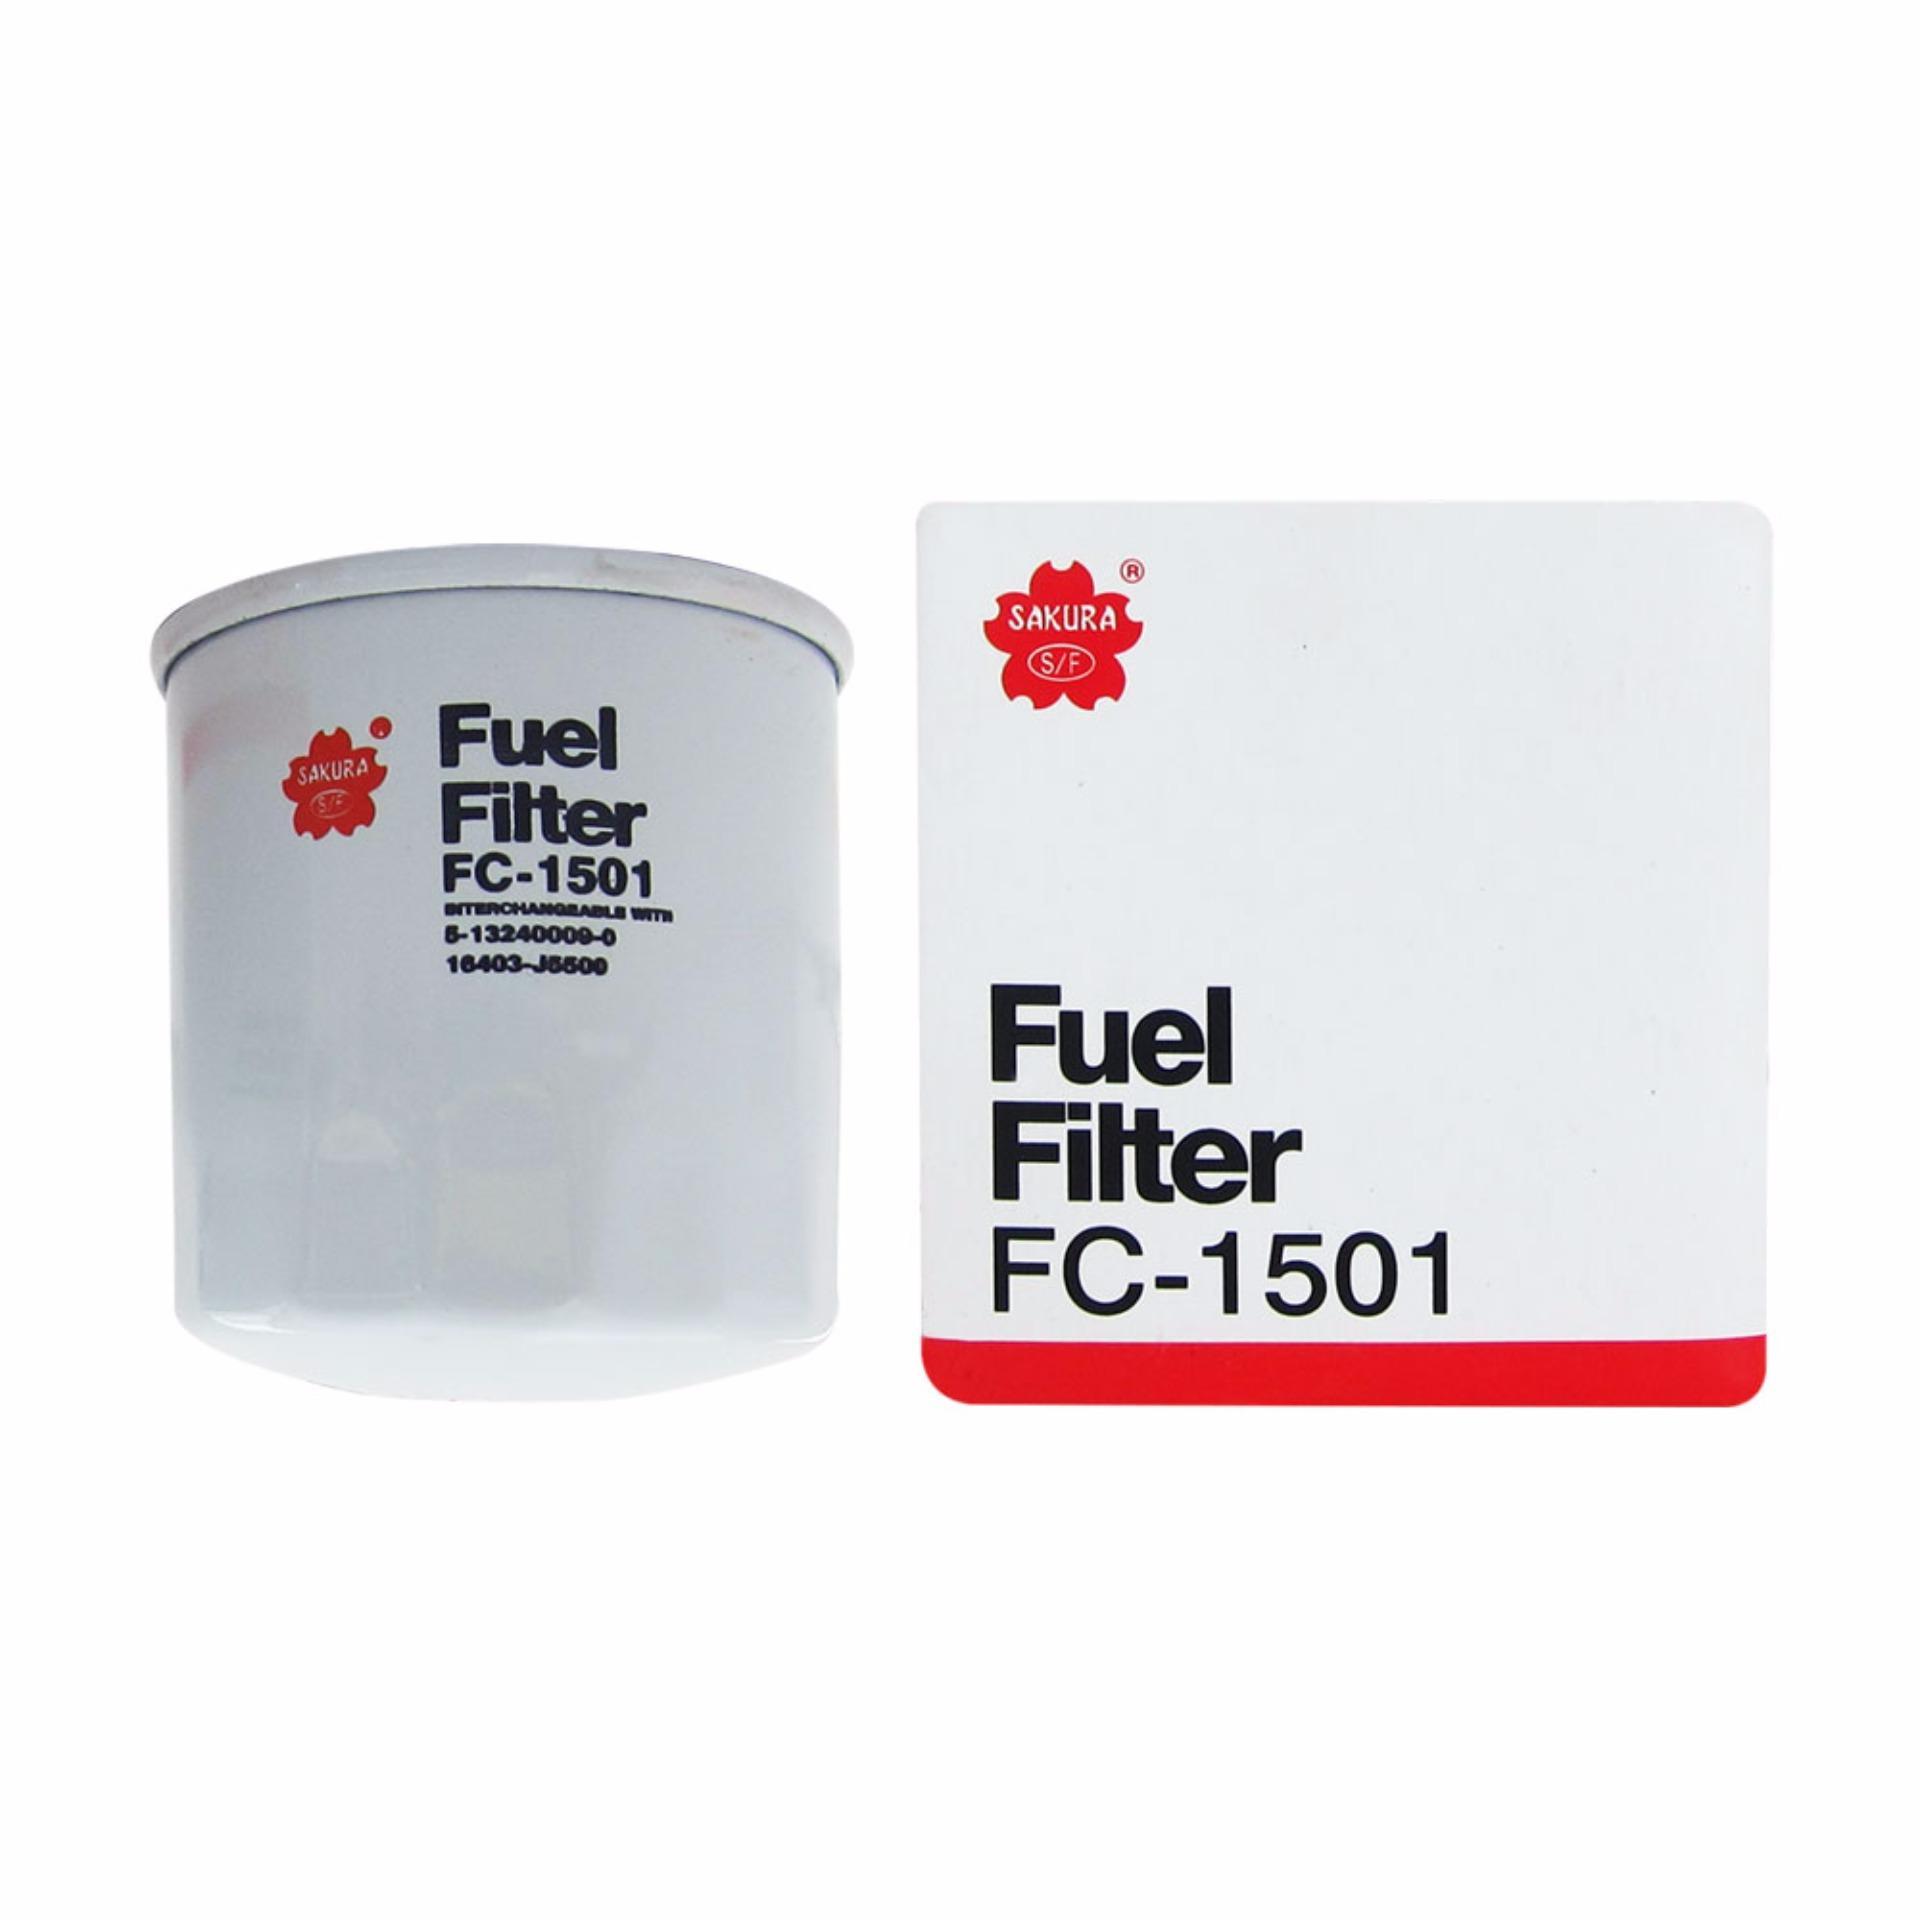 Philippines Sakura Fuel Filter Fc 1501 For Isuzu C190 C240 Bendix Filters Isuzud Max